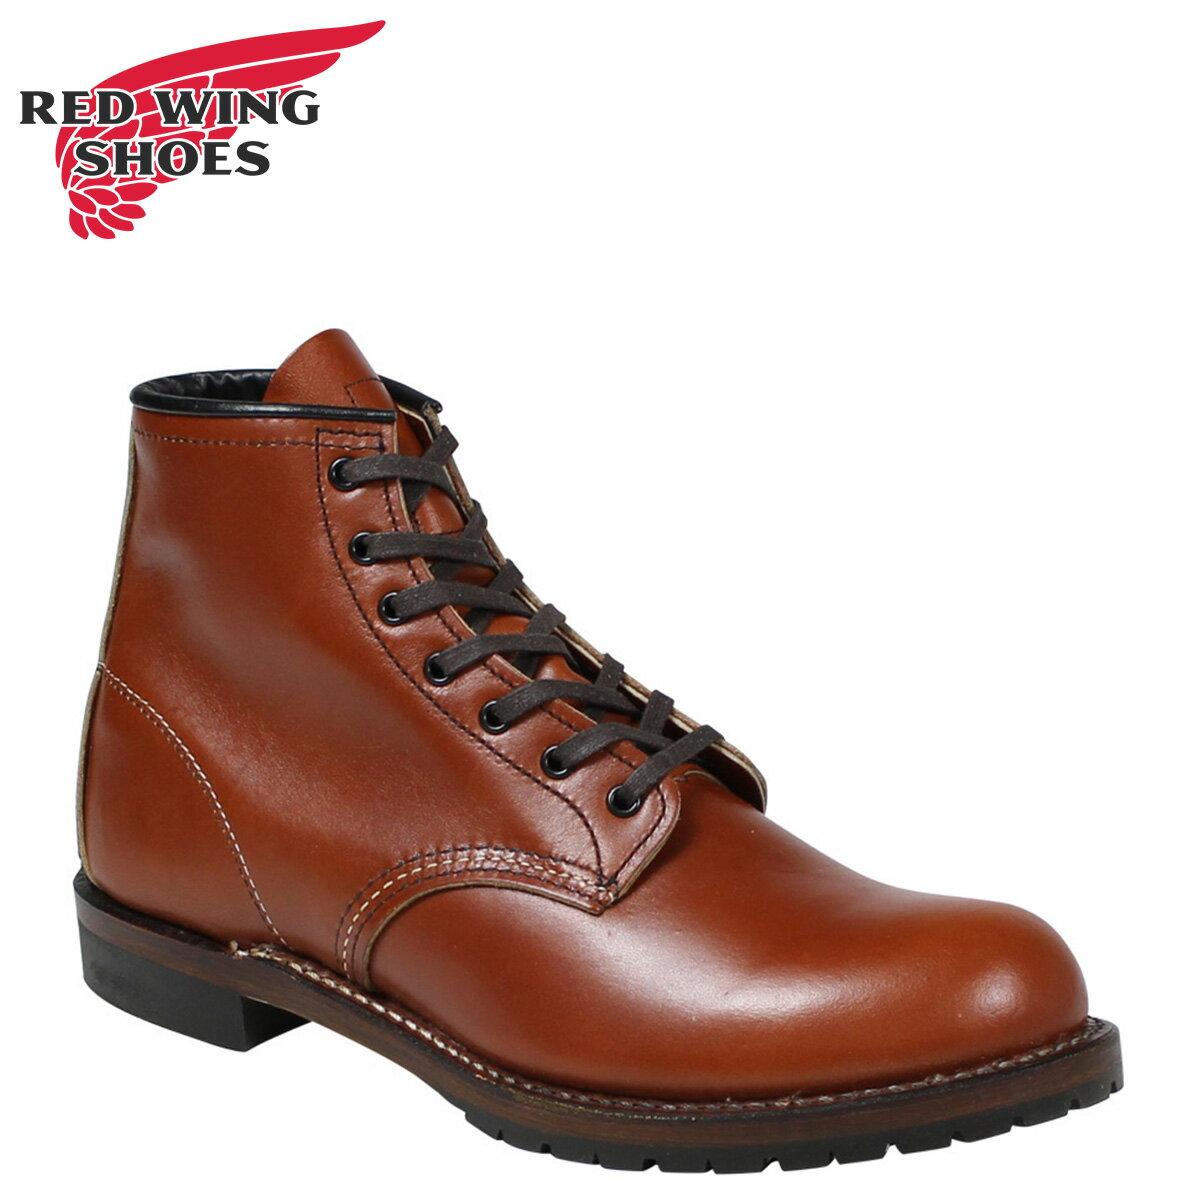 レッドウィング RED WING ベックマン ブーツ BECKMAN ROUND ラウンドトゥ Dワイズ 9022 レッドウイング メンズ